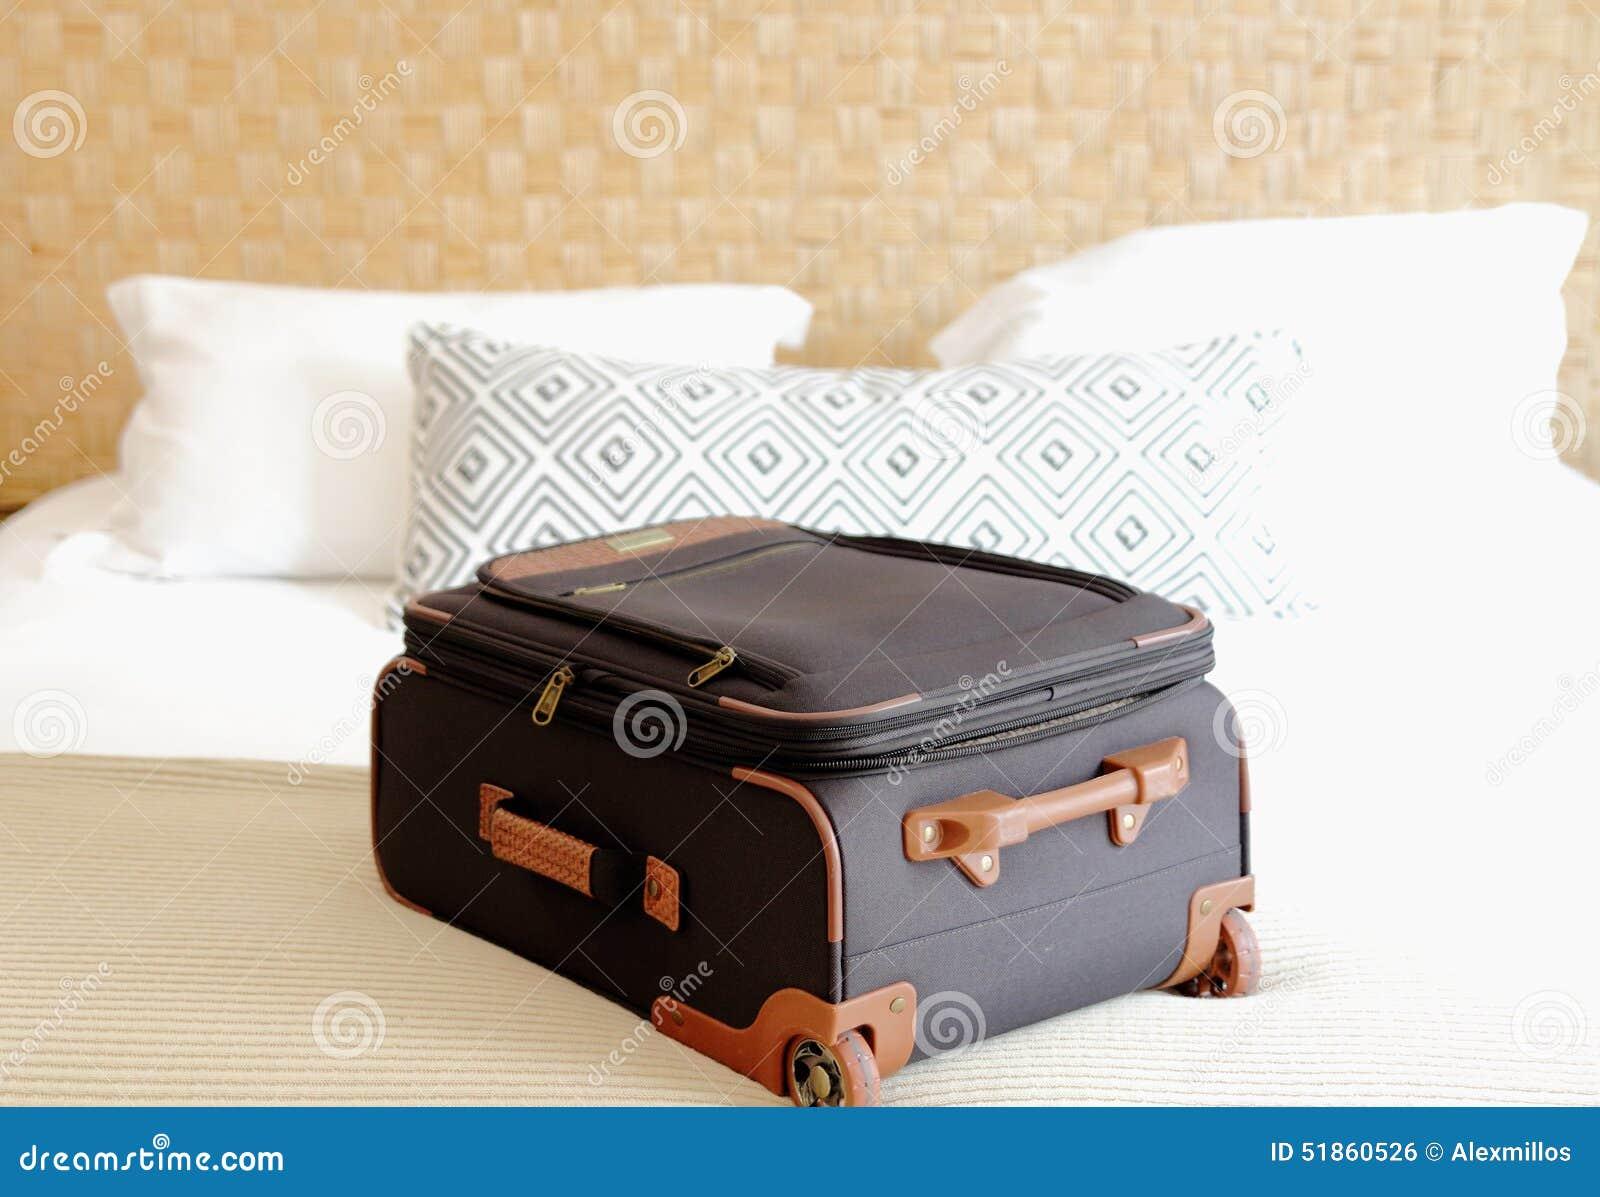 plan rapproch de valise sur le lit l 39 int rieur d 39 une chambre d 39 h tel photo stock image du. Black Bedroom Furniture Sets. Home Design Ideas